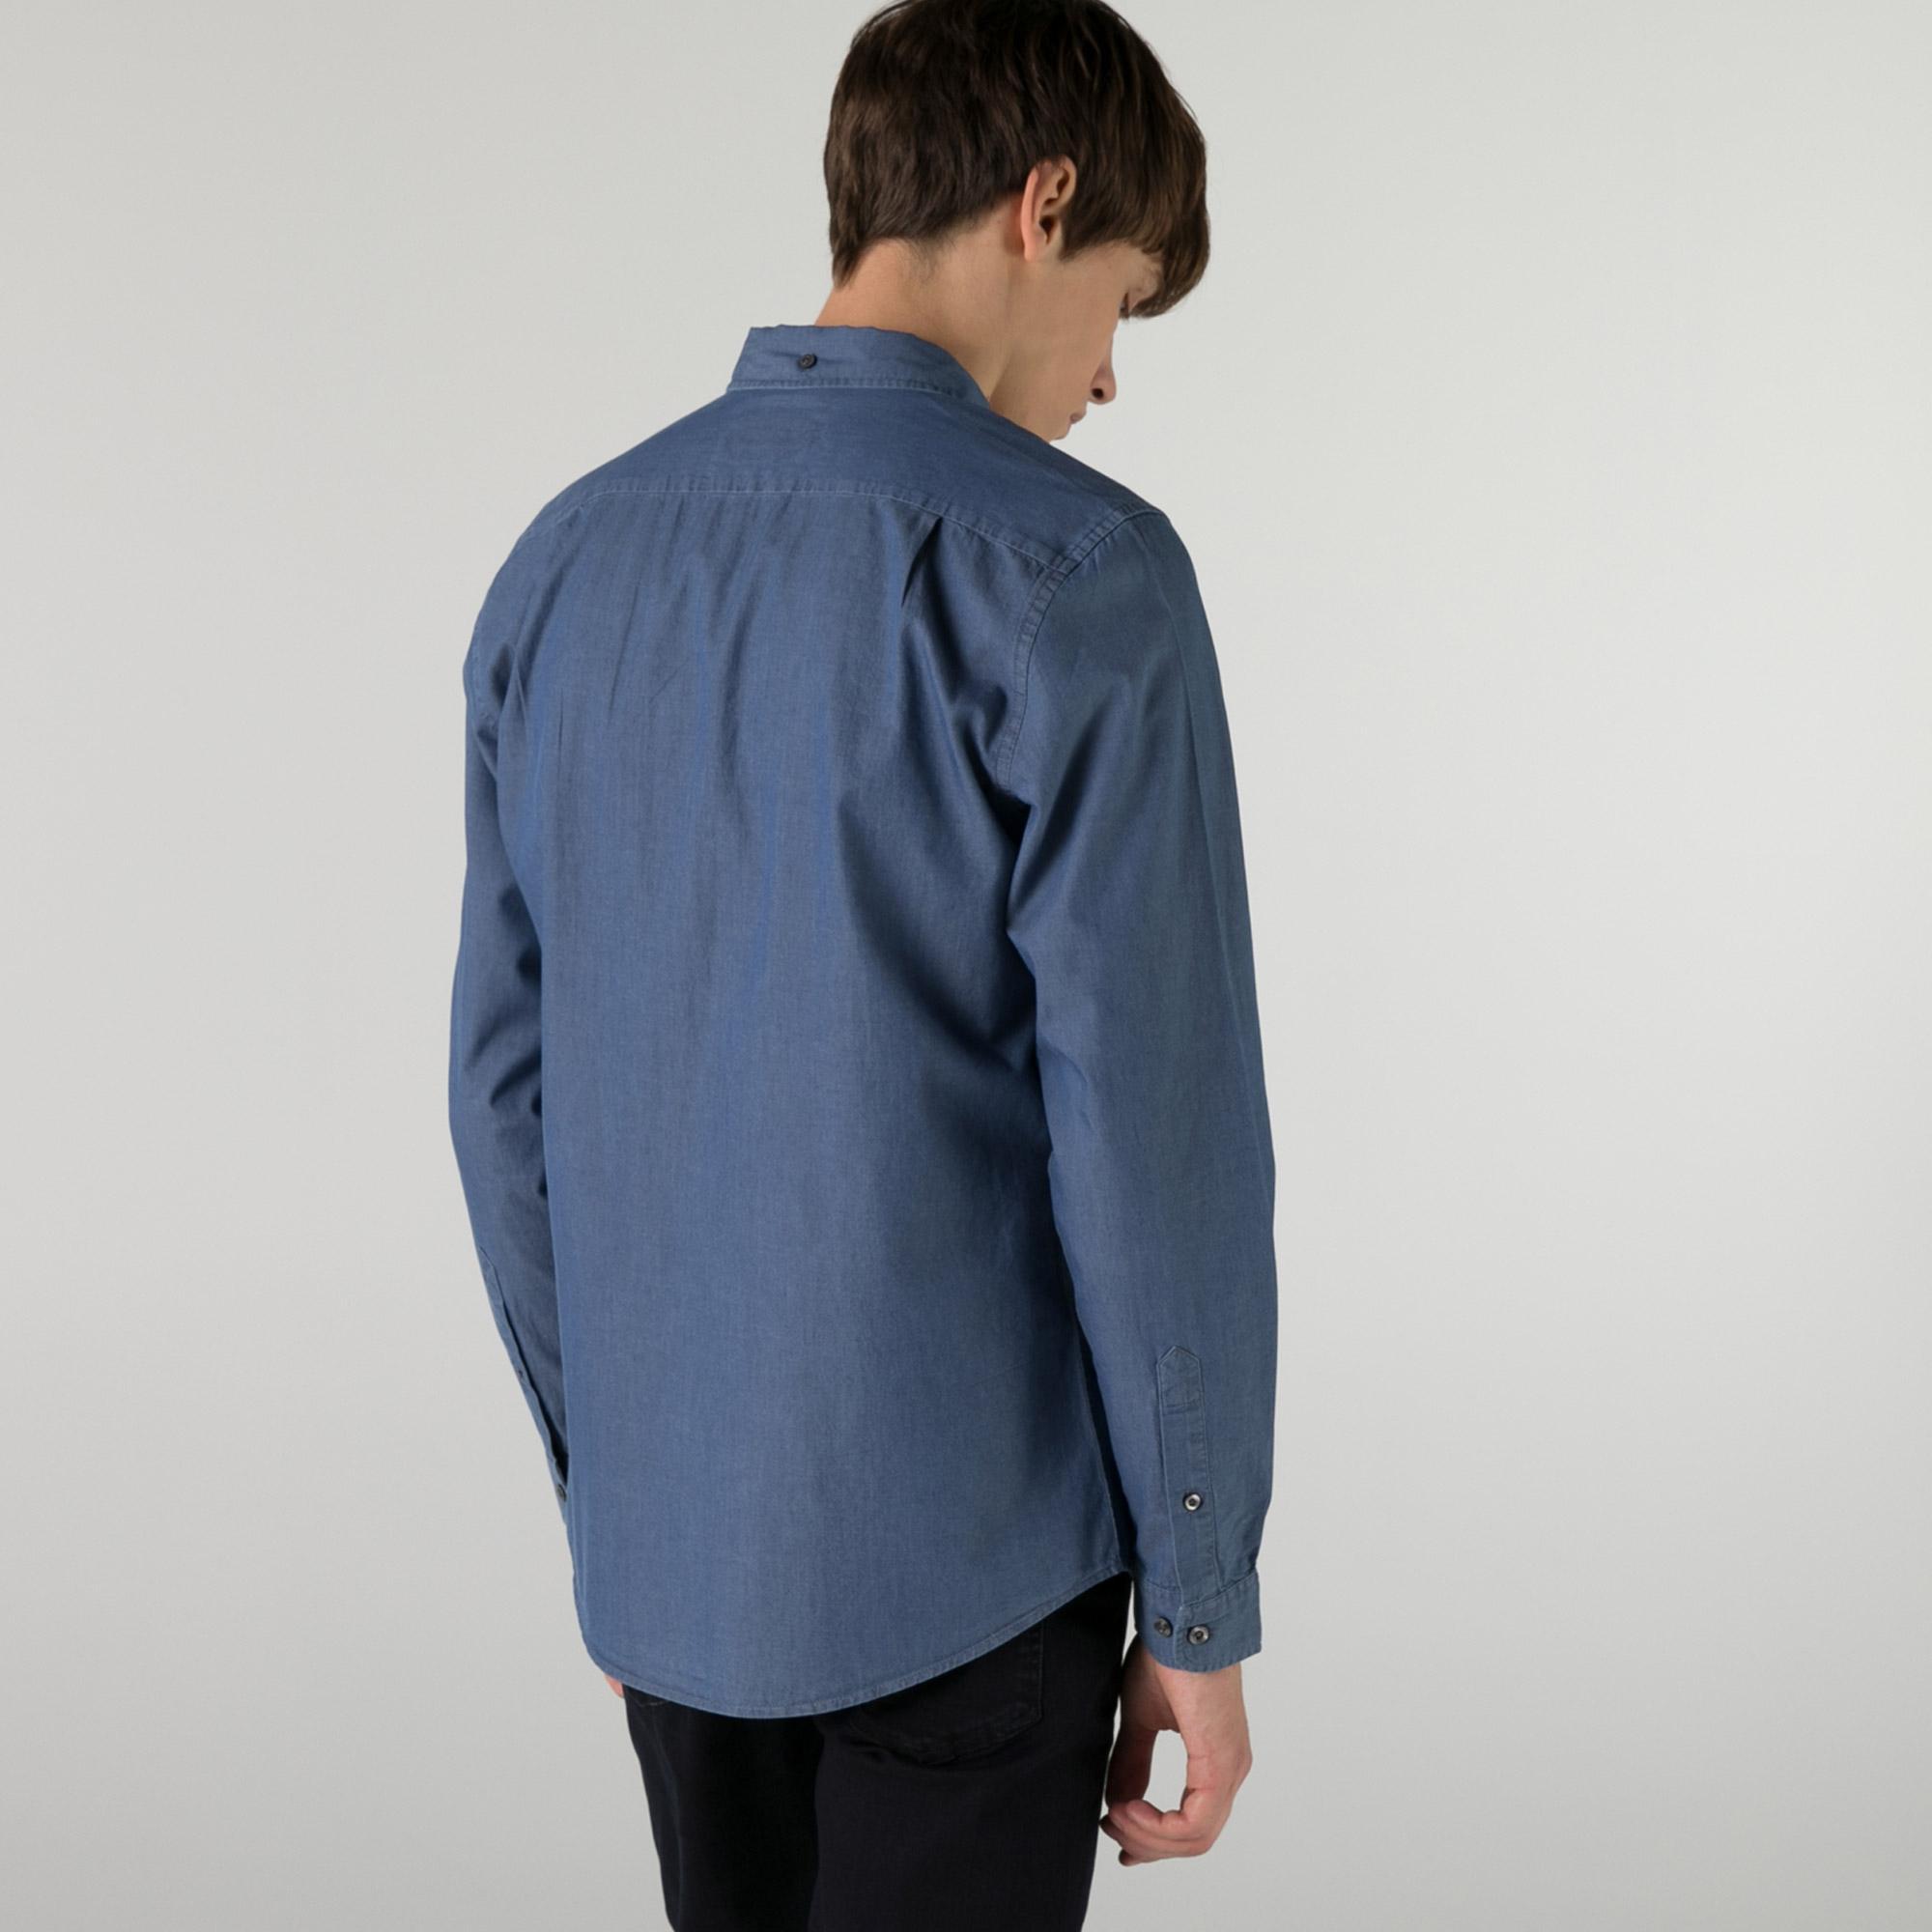 Lacoste Erkek Slim Fit Açık Denim Gömlek